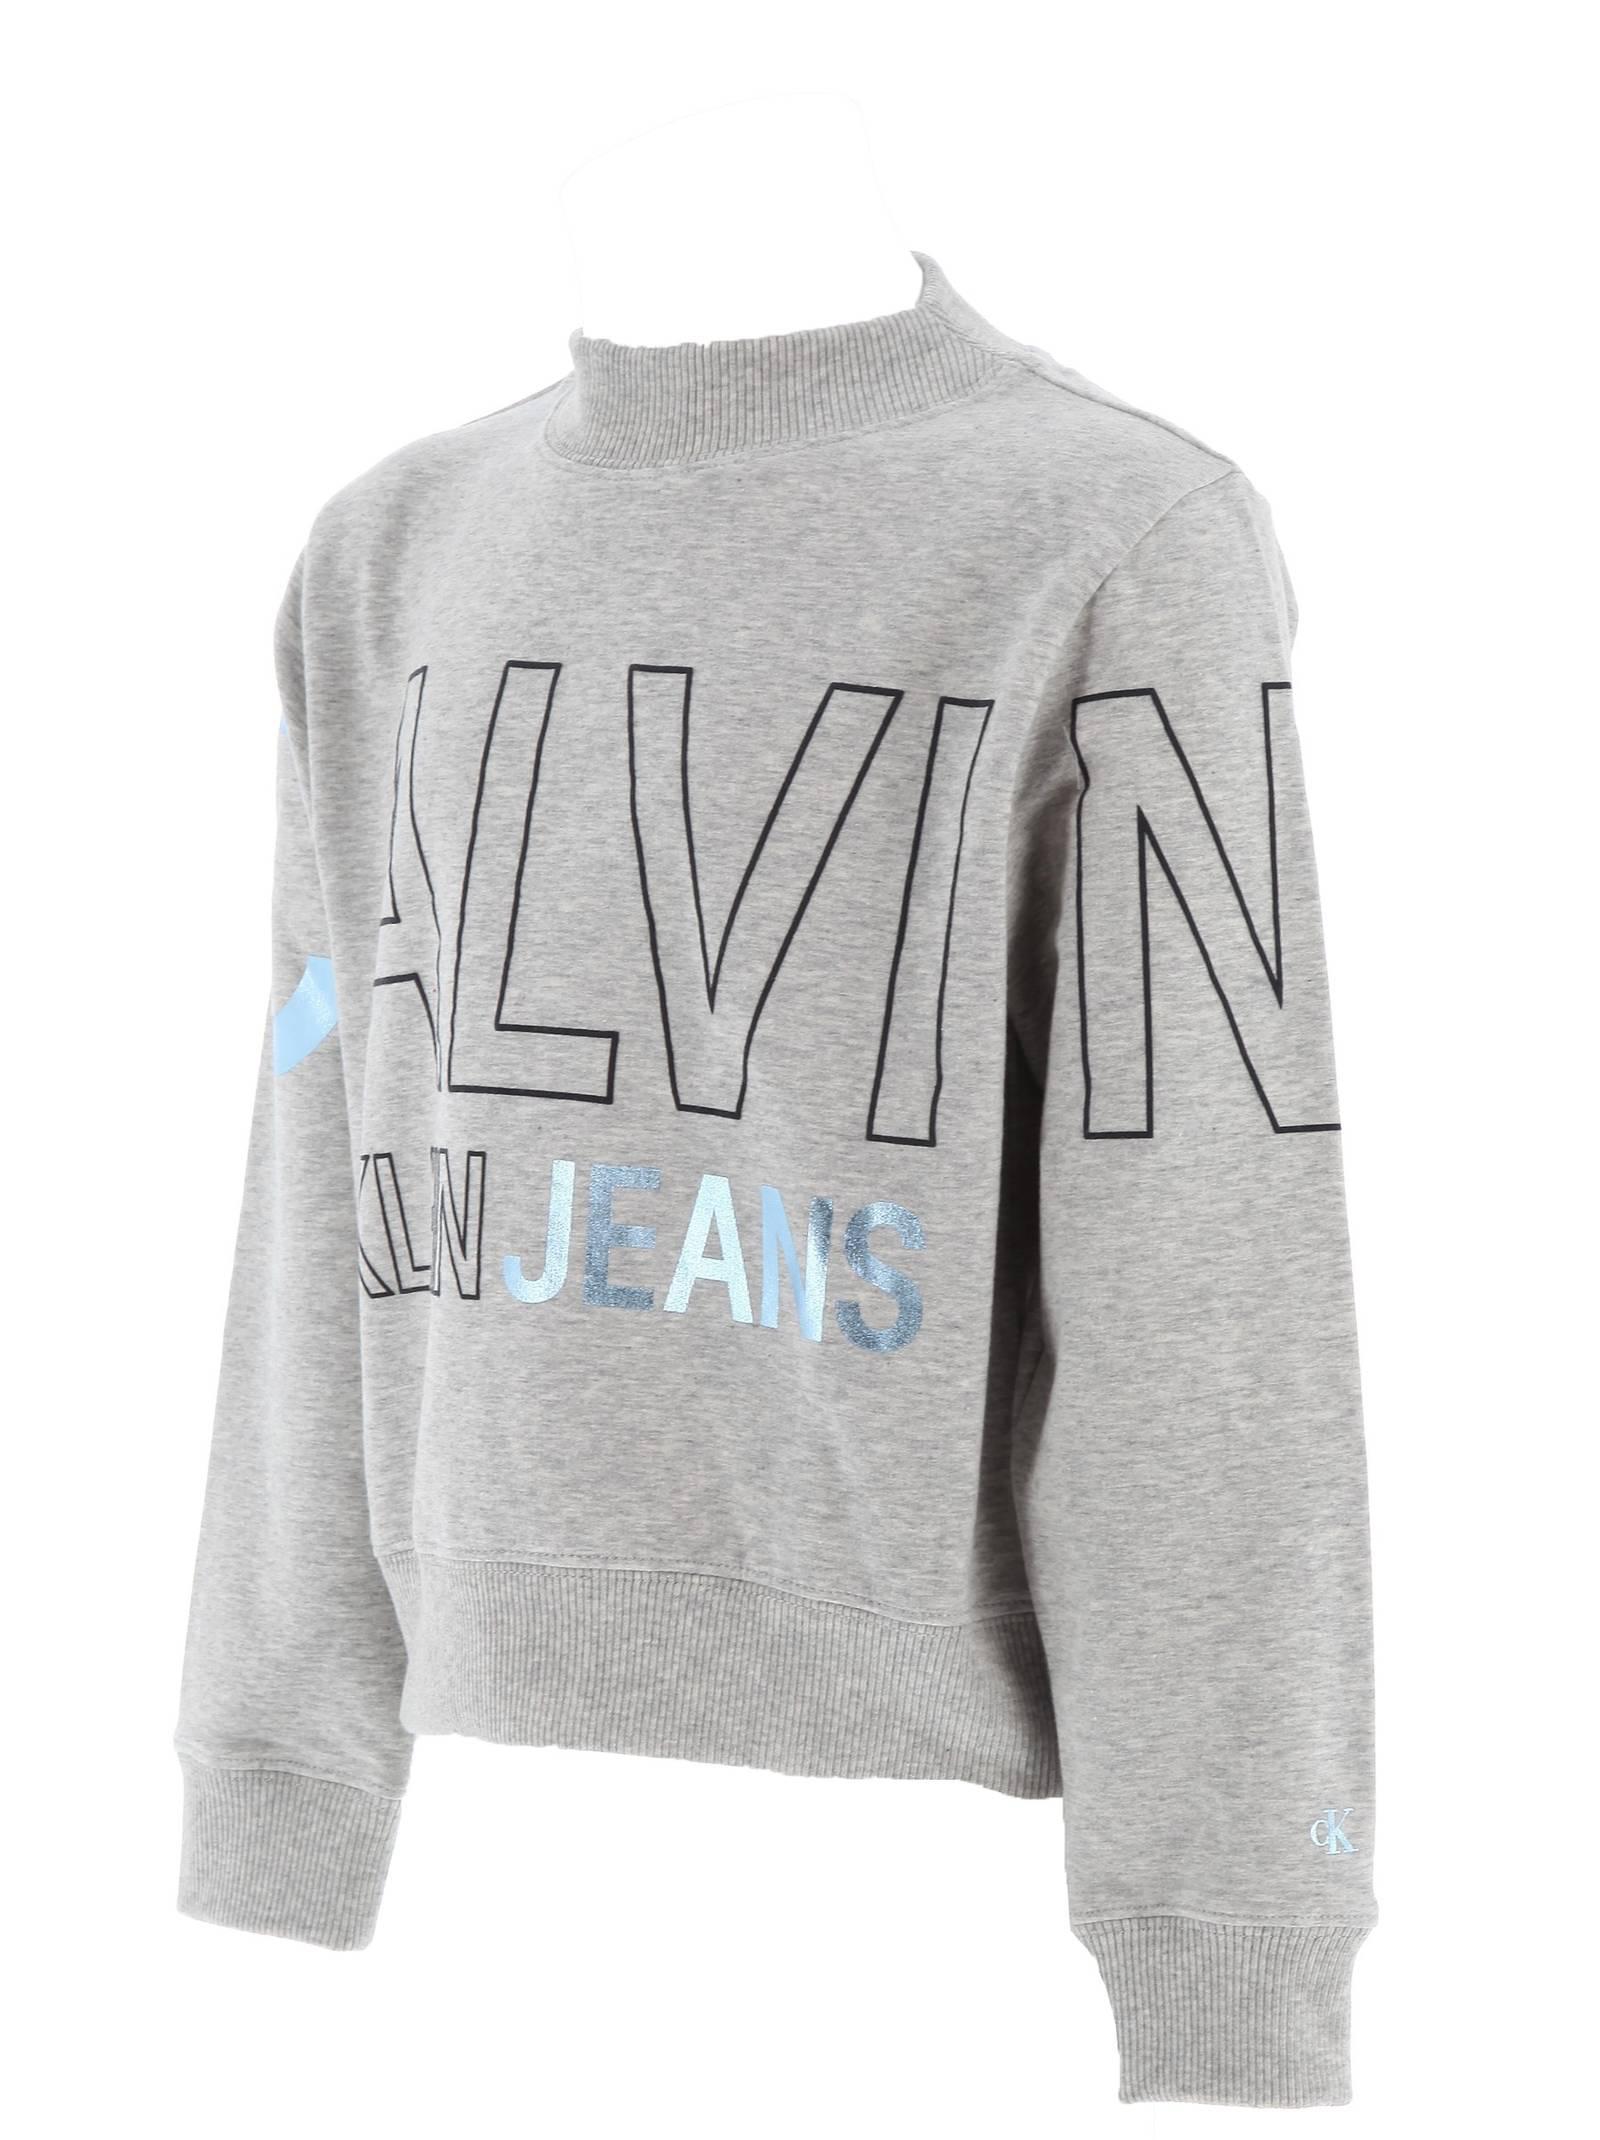 Calvin Klein sweatshirt CALVIN KLEIN | Sweatshirt | IG0IG00394PZ2